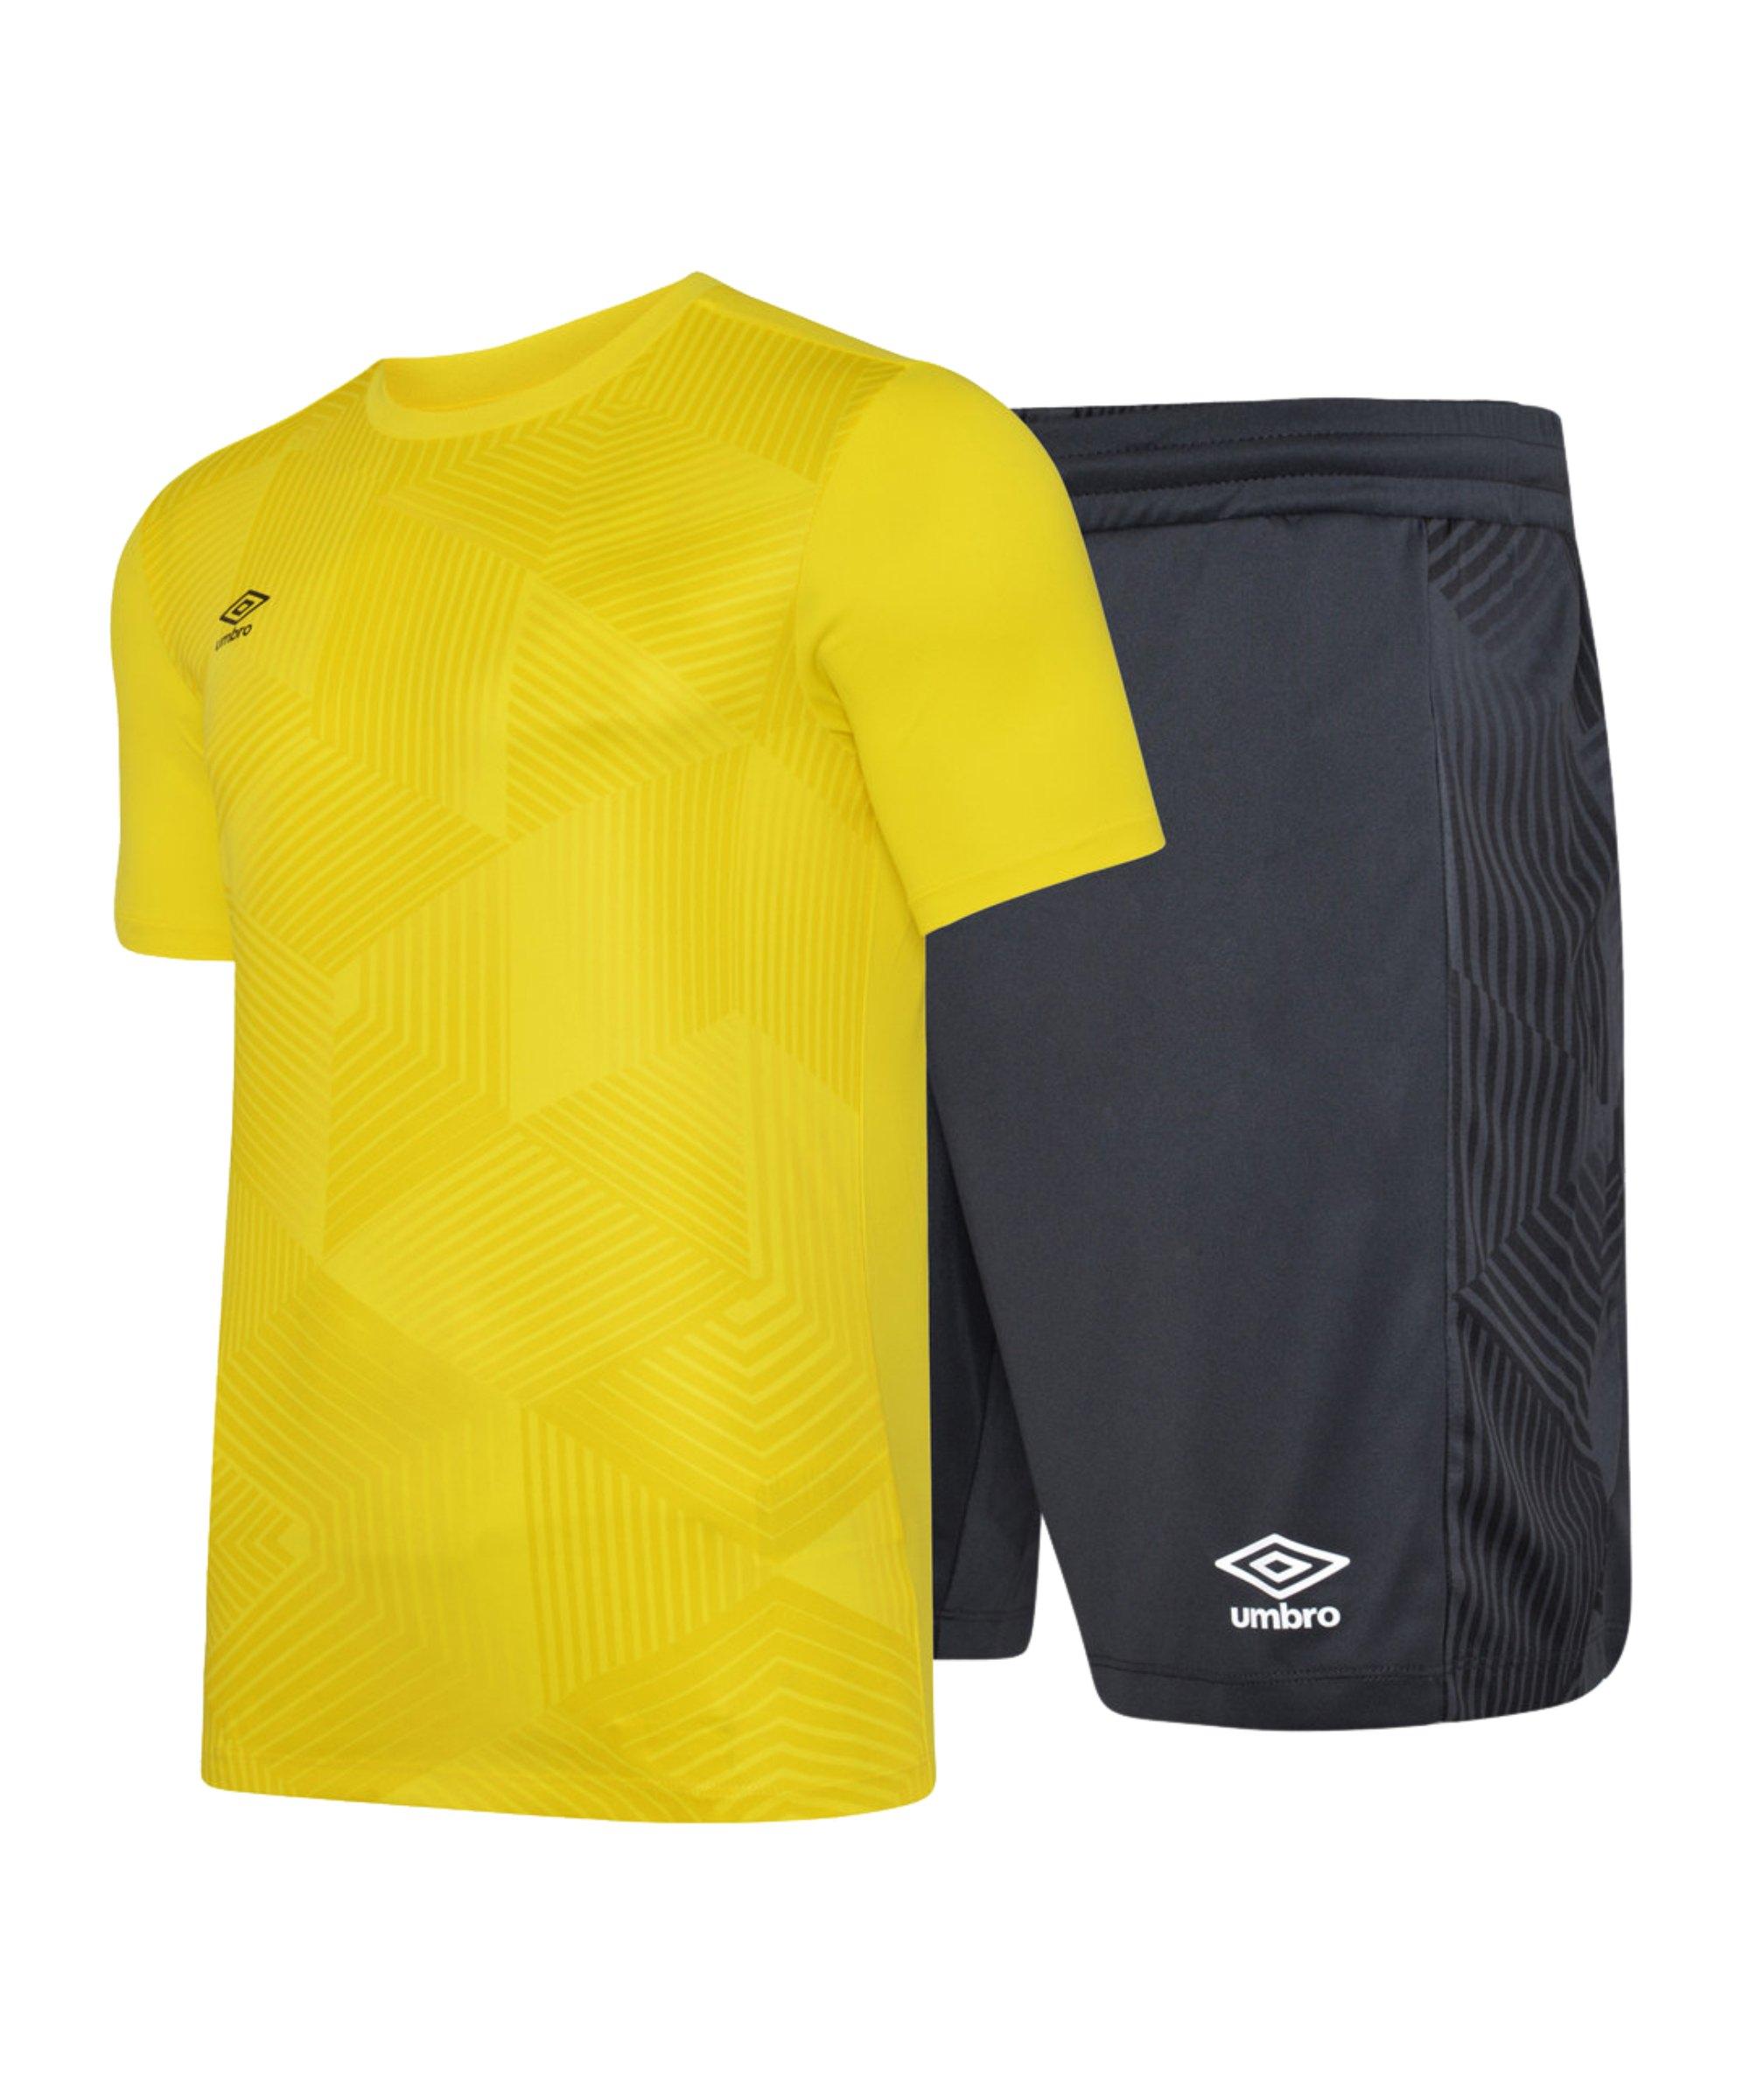 Umbro Maxium Kit Set Gelb Schwarz FAST - gelb